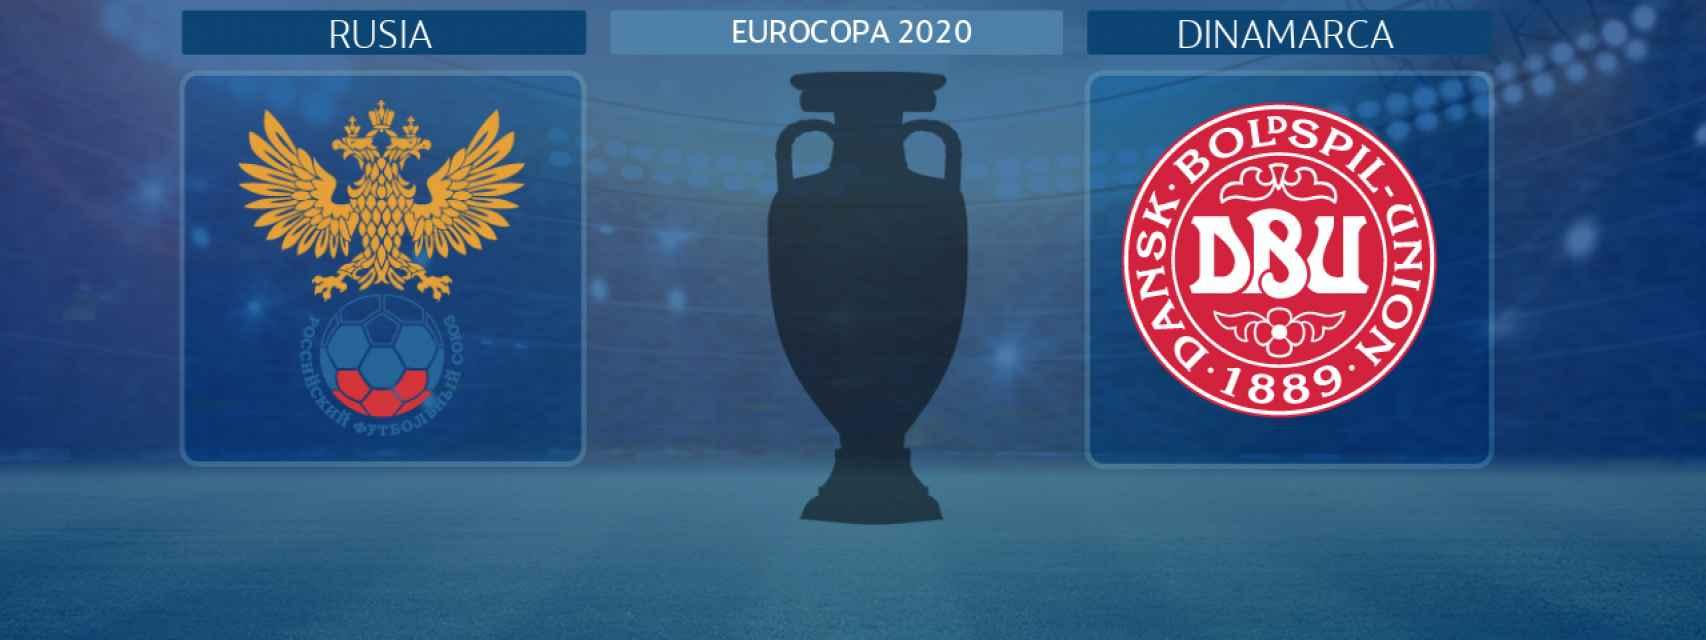 Rusia - Dinamarca, partido de la Eurocopa 2020